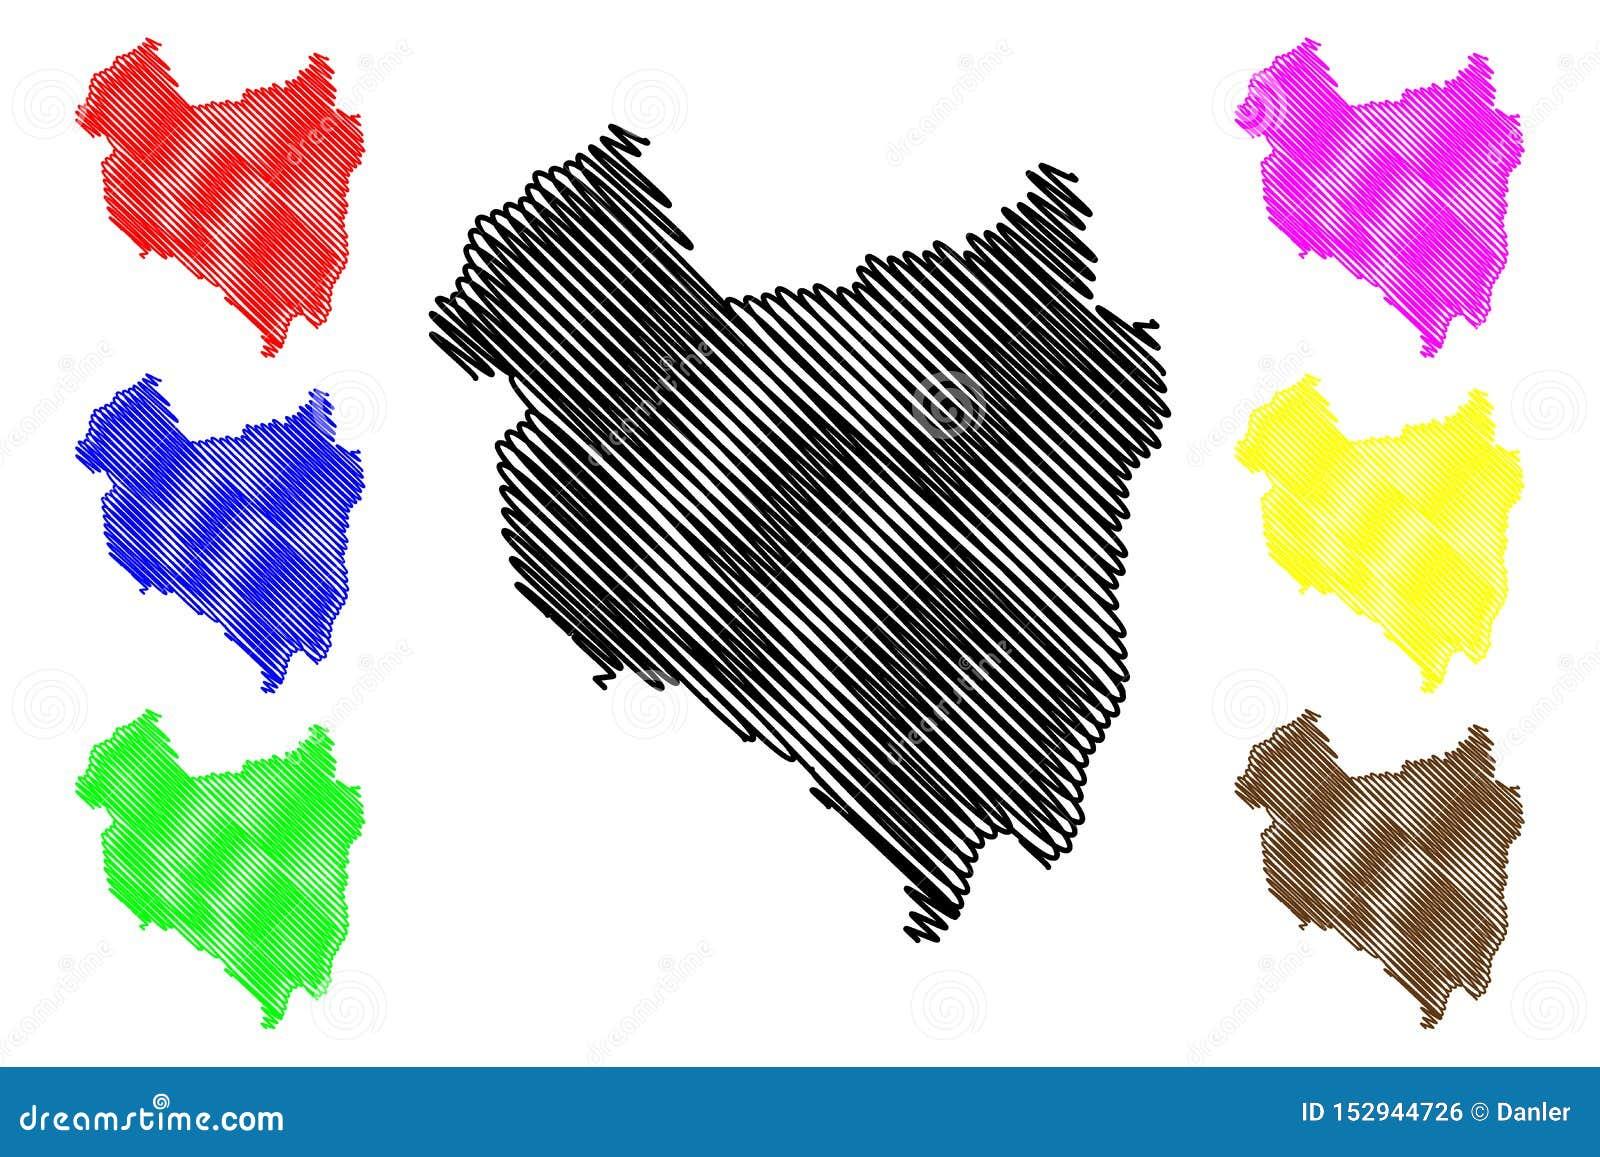 Διοικητικά τμήματα κομητειών Covasna διανυσματική απεικόνιση χαρτών της Ρουμανίας, περιοχή ανάπτυξης Centru, σκίτσο Covasna κακογ